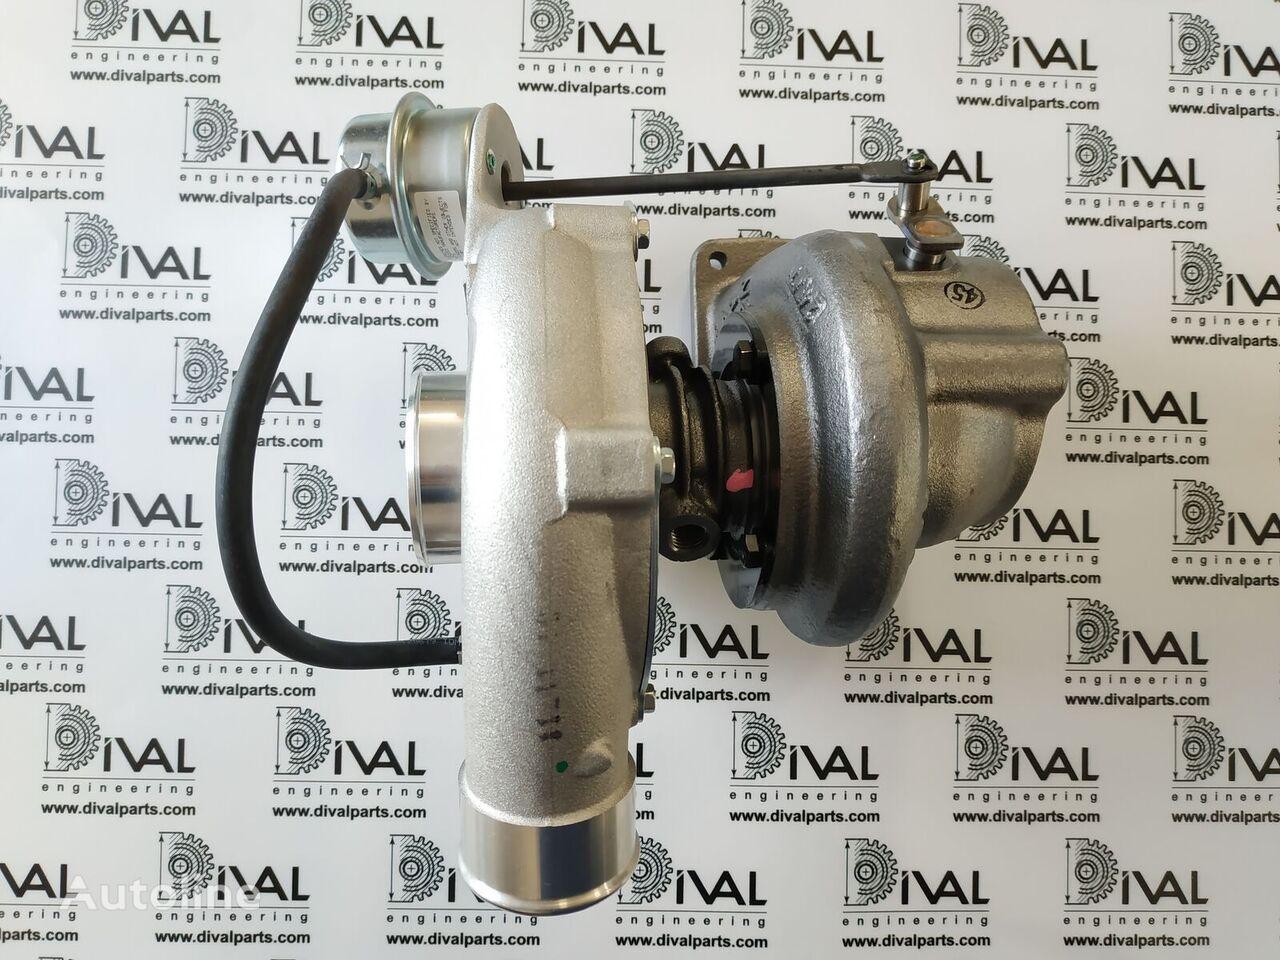 новий турбокомпресор двигуна JCB Англия до навантажувача JCB 530/70, 531/70, 540/70, 541/70, 535/95, 533/105, 535/125, 540/140, 540/170, 3CX